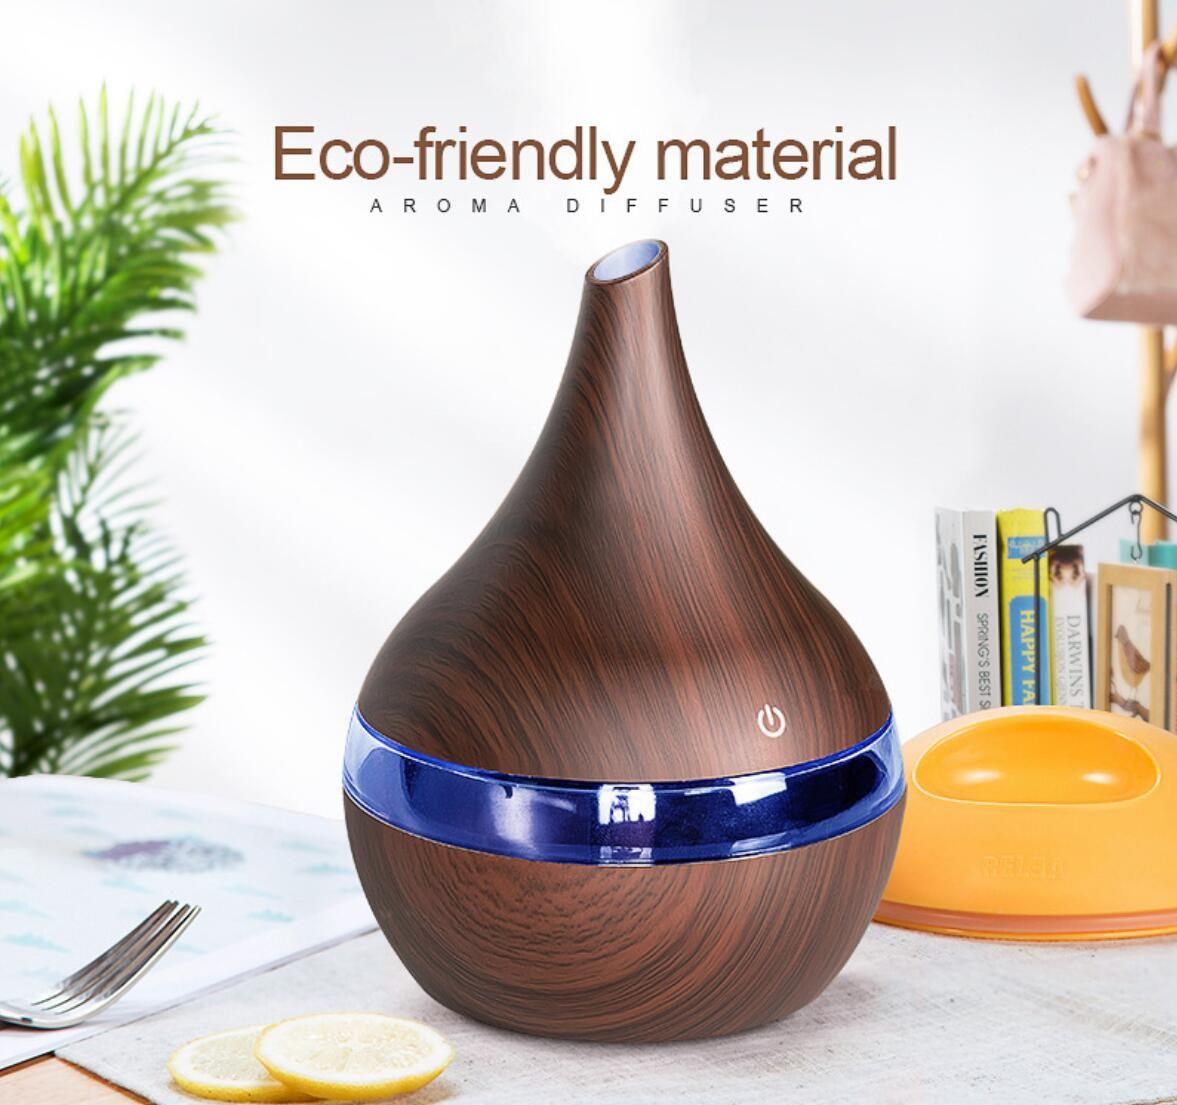 جديد حار 300 ملليلتر usb الكهربائية رائحة الهواء الناشر الخشب بالموجات فوق الصوتية الهواء المرطب الضروري النفط بارد ميست صانع للمنزل شحن مجاني